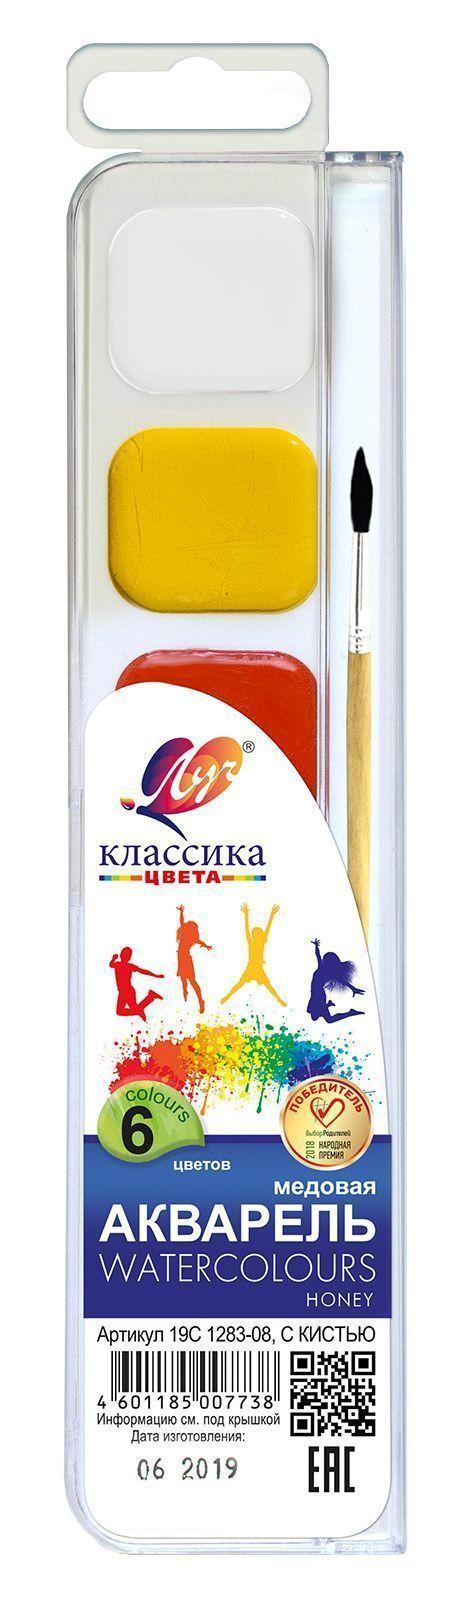 Акварель ЛУЧ КЛАССИКА 6 цветов, пластиковая упаковка, с кистью, европодвес